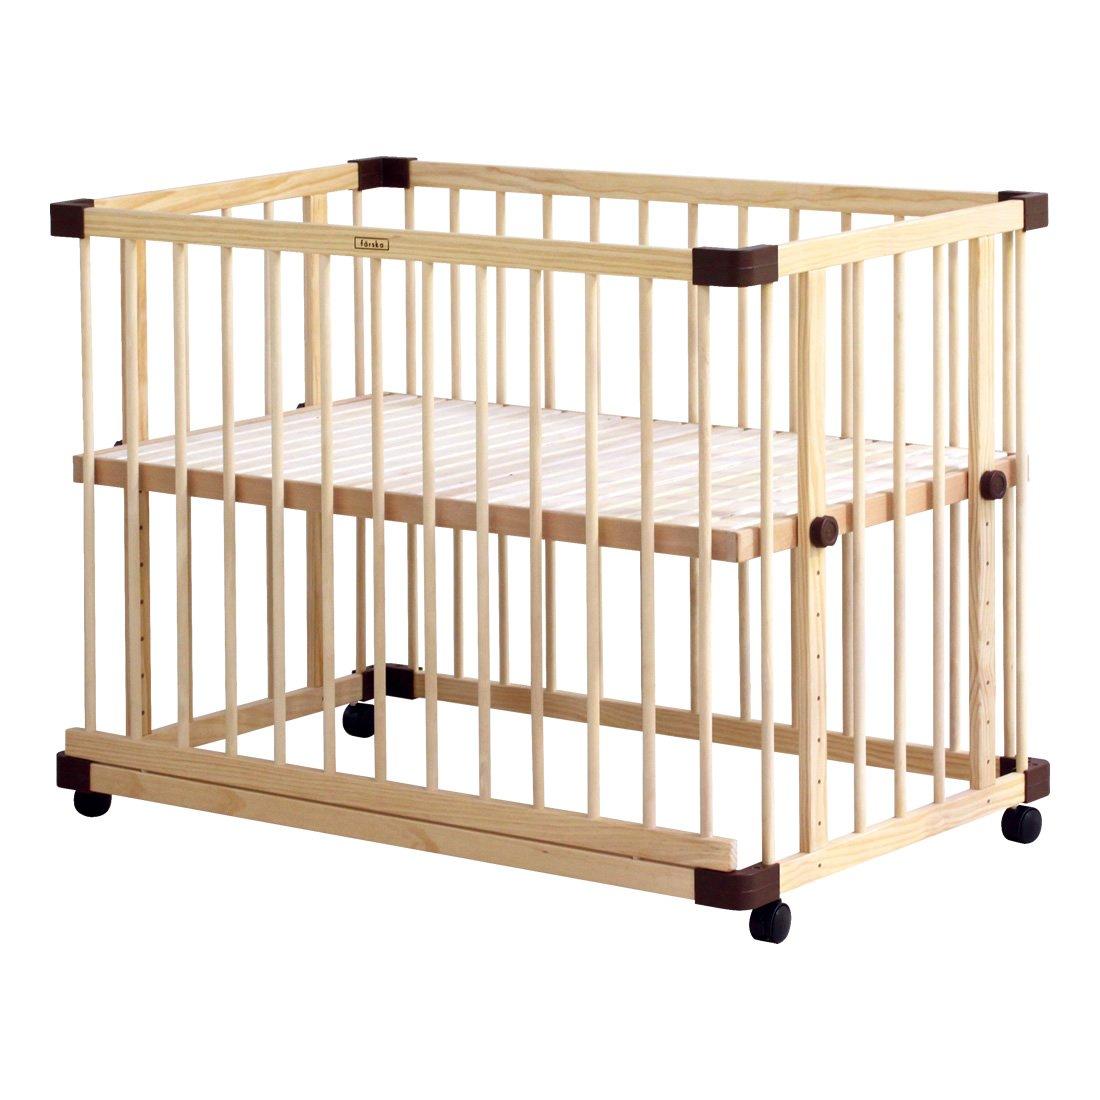 ファルスカ farska ベッドサイドベッド03 ベビーベッド ベビーサークル キッズベンチ   B01J7L23CK